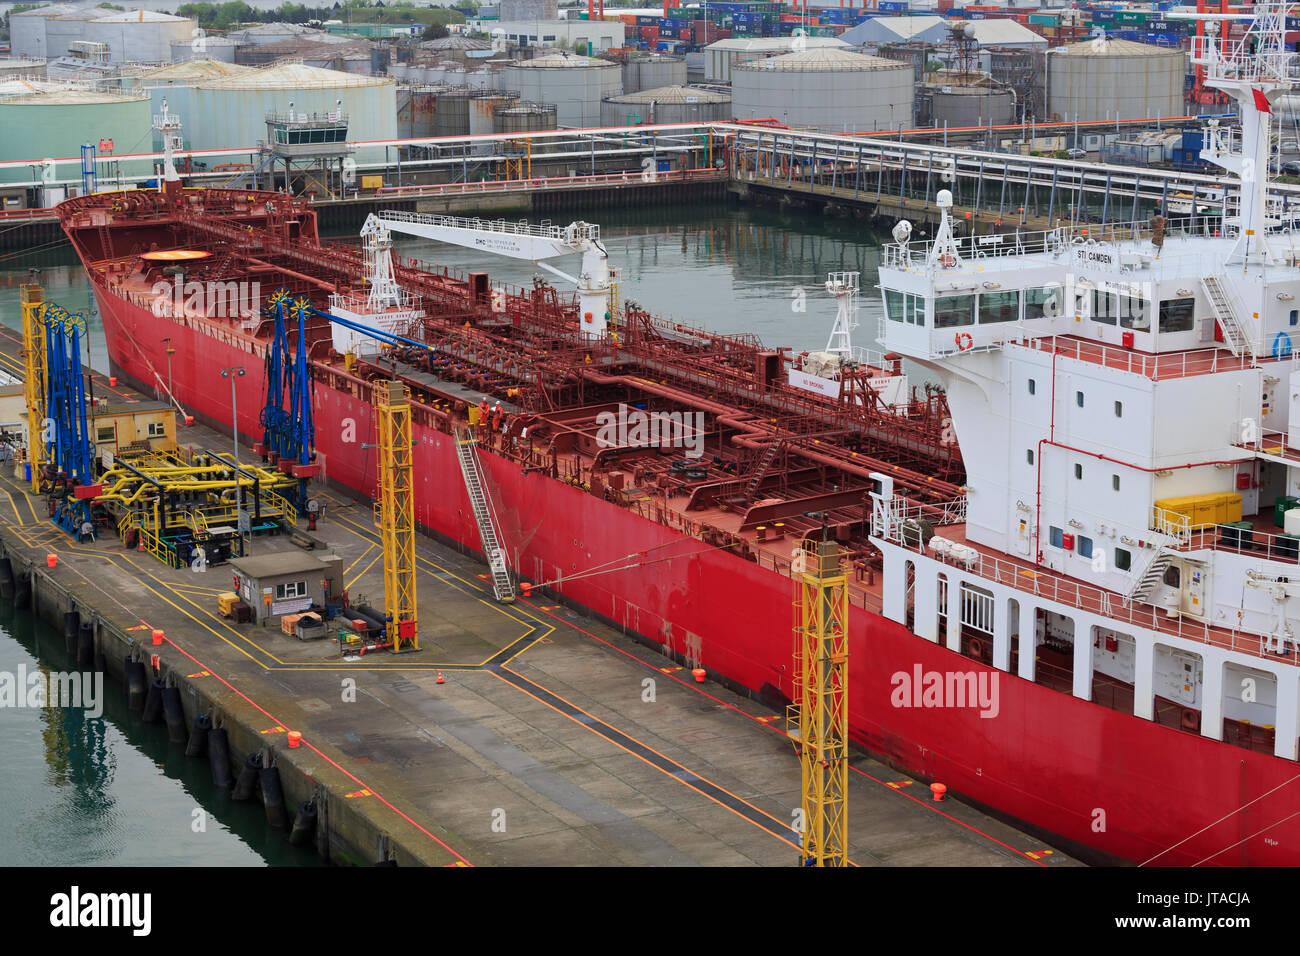 Oil tanker, Dublin Port, County Dublin, Republic of Ireland, Europe - Stock Image